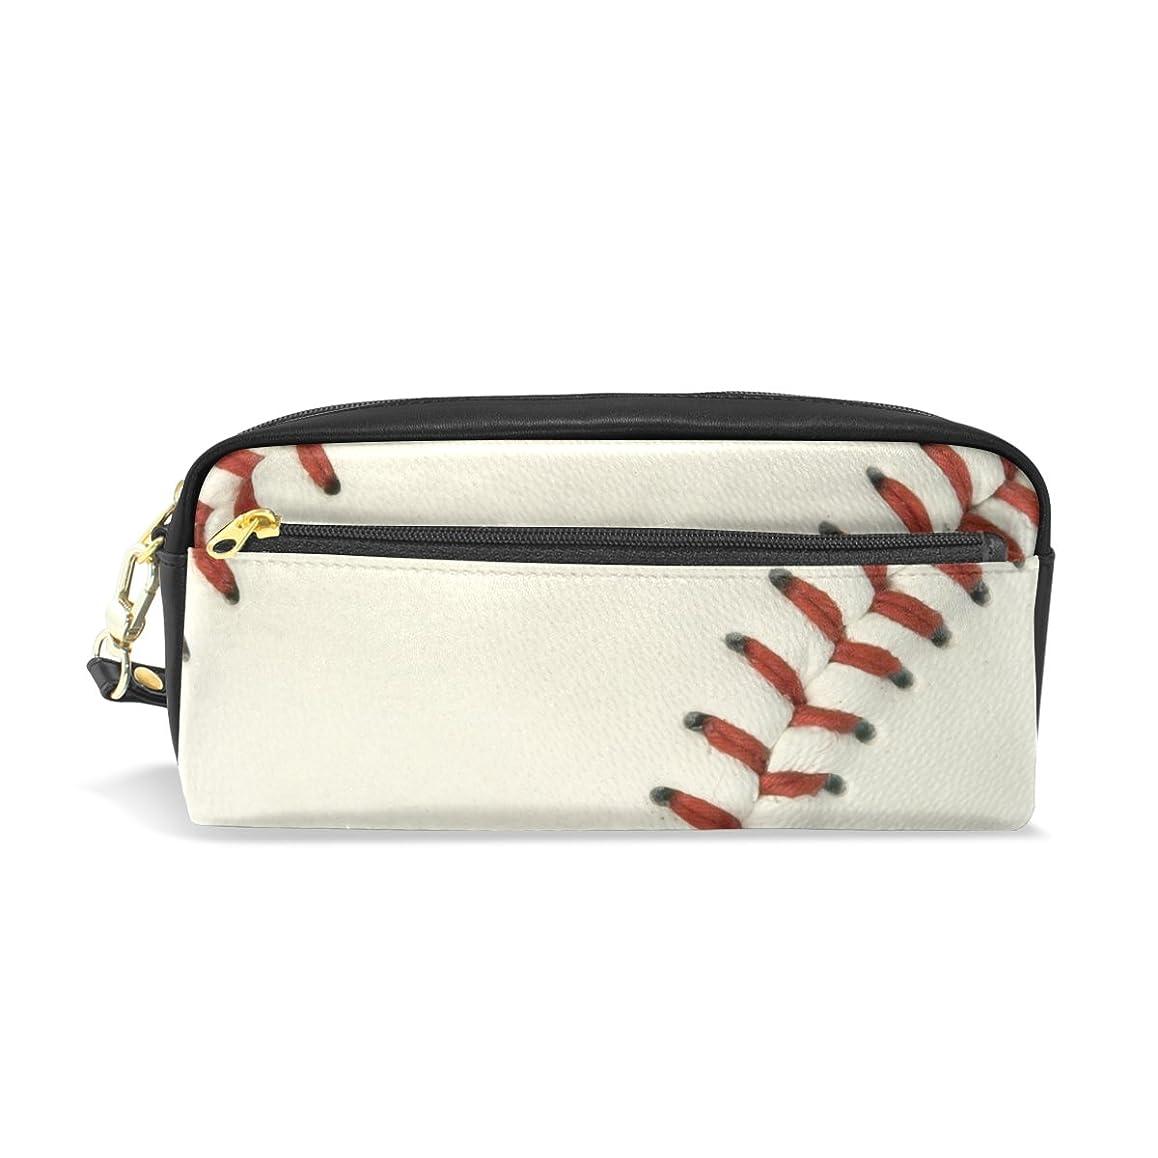 受け継ぐ分注するアラブAOMOKI ペンケース 化粧ポーチ 小物入り 多機能バッグ レディース 野球 ブラック